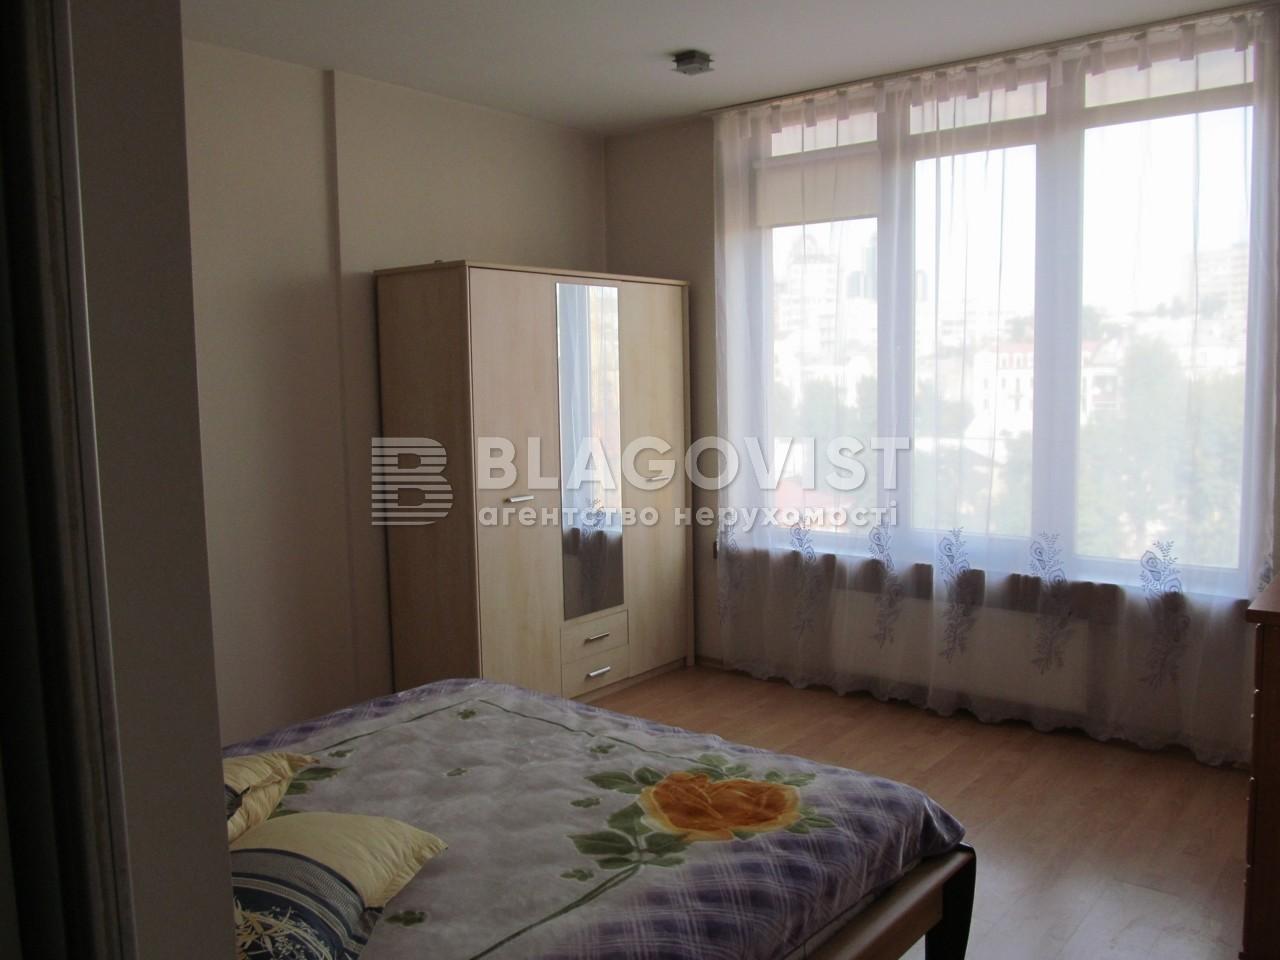 Квартира F-38355, Жилянская, 59, Киев - Фото 6